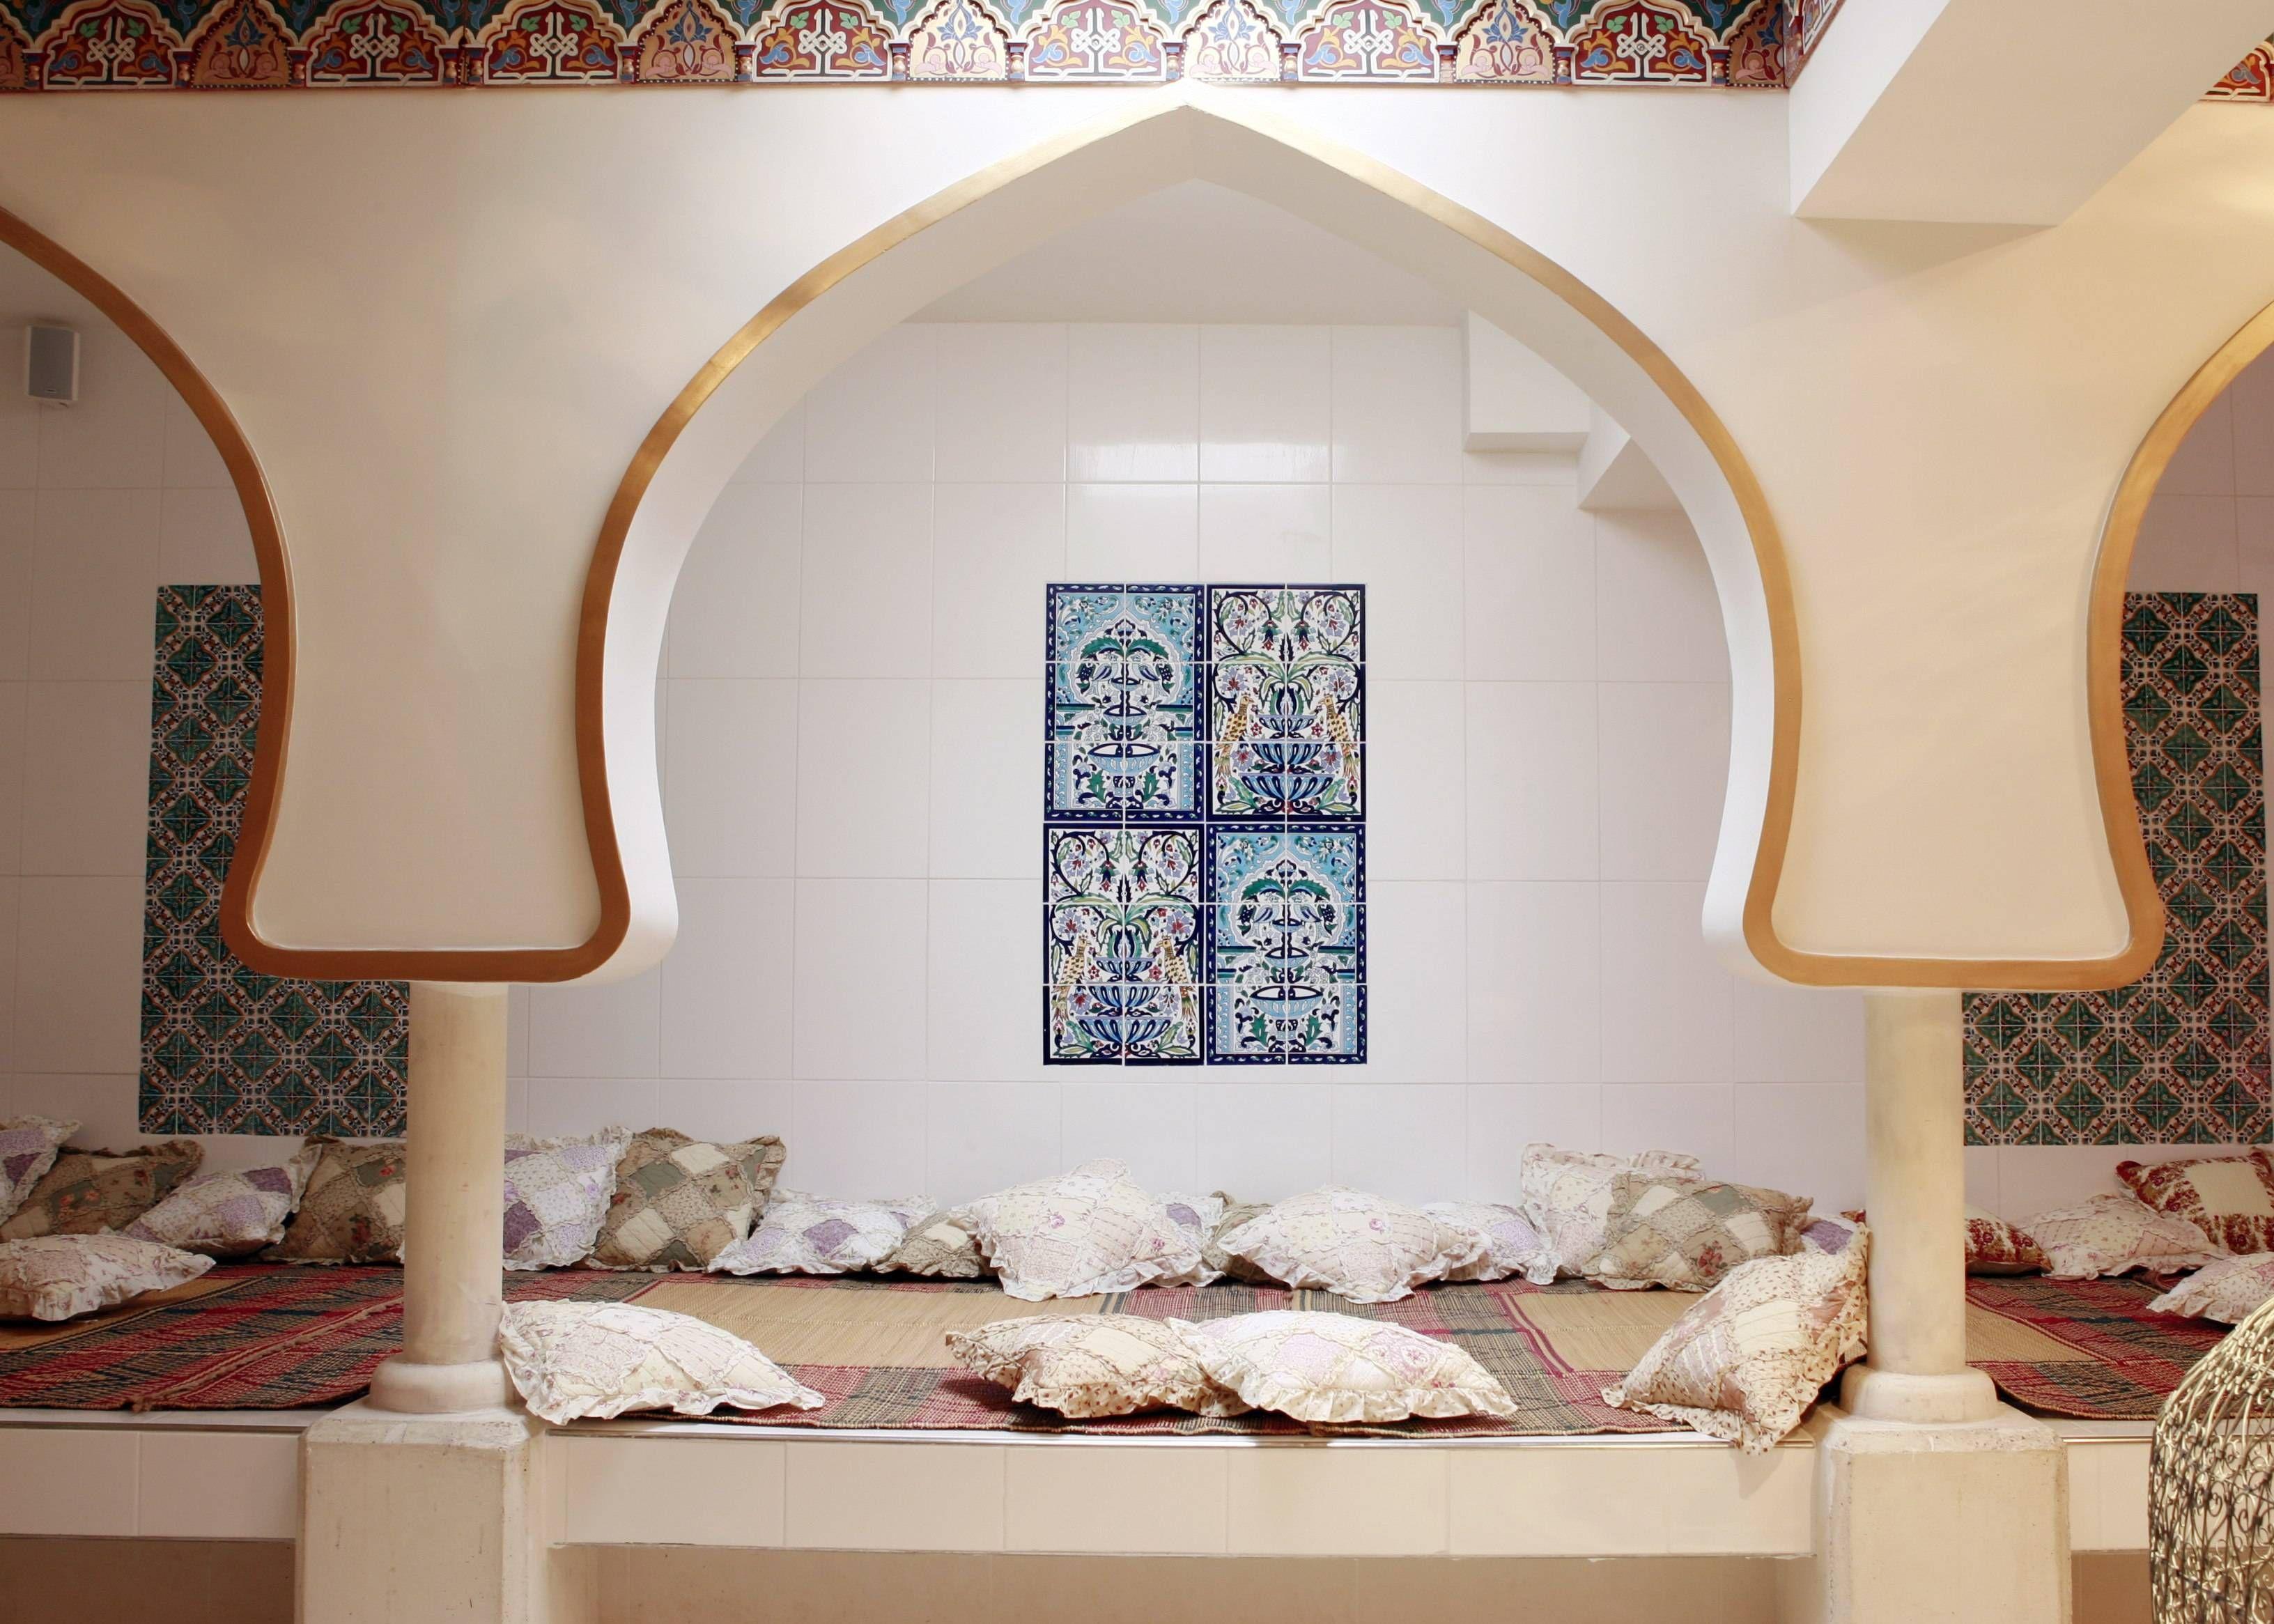 Resting room at the Hammam Pacha, Paris